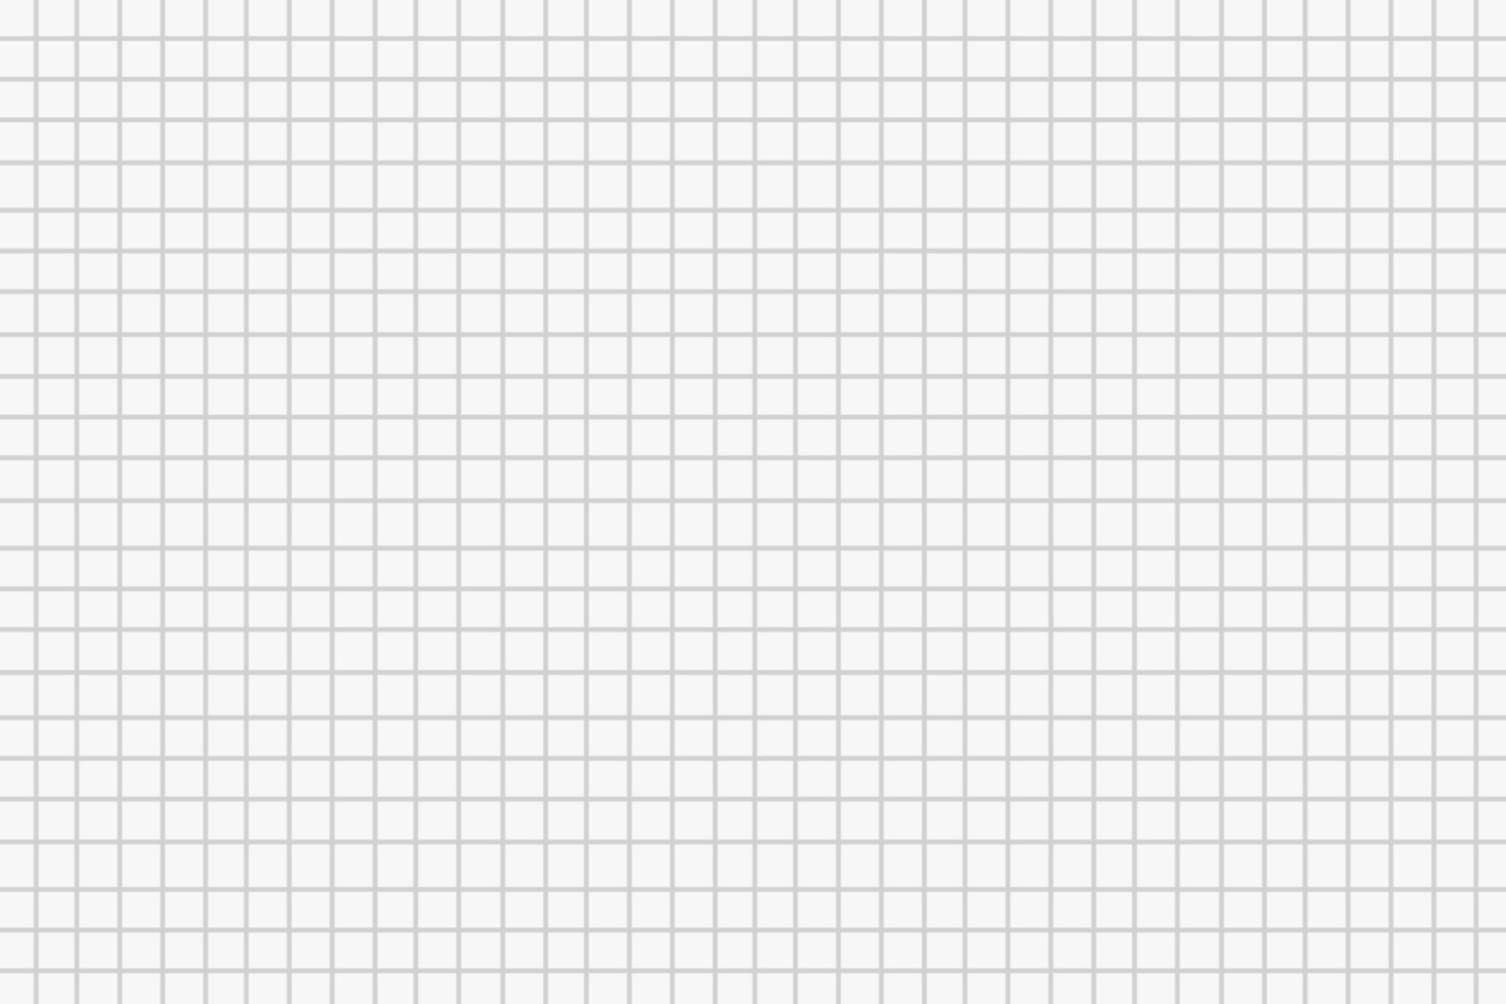 hello_html_1c7fa0e2.jpg